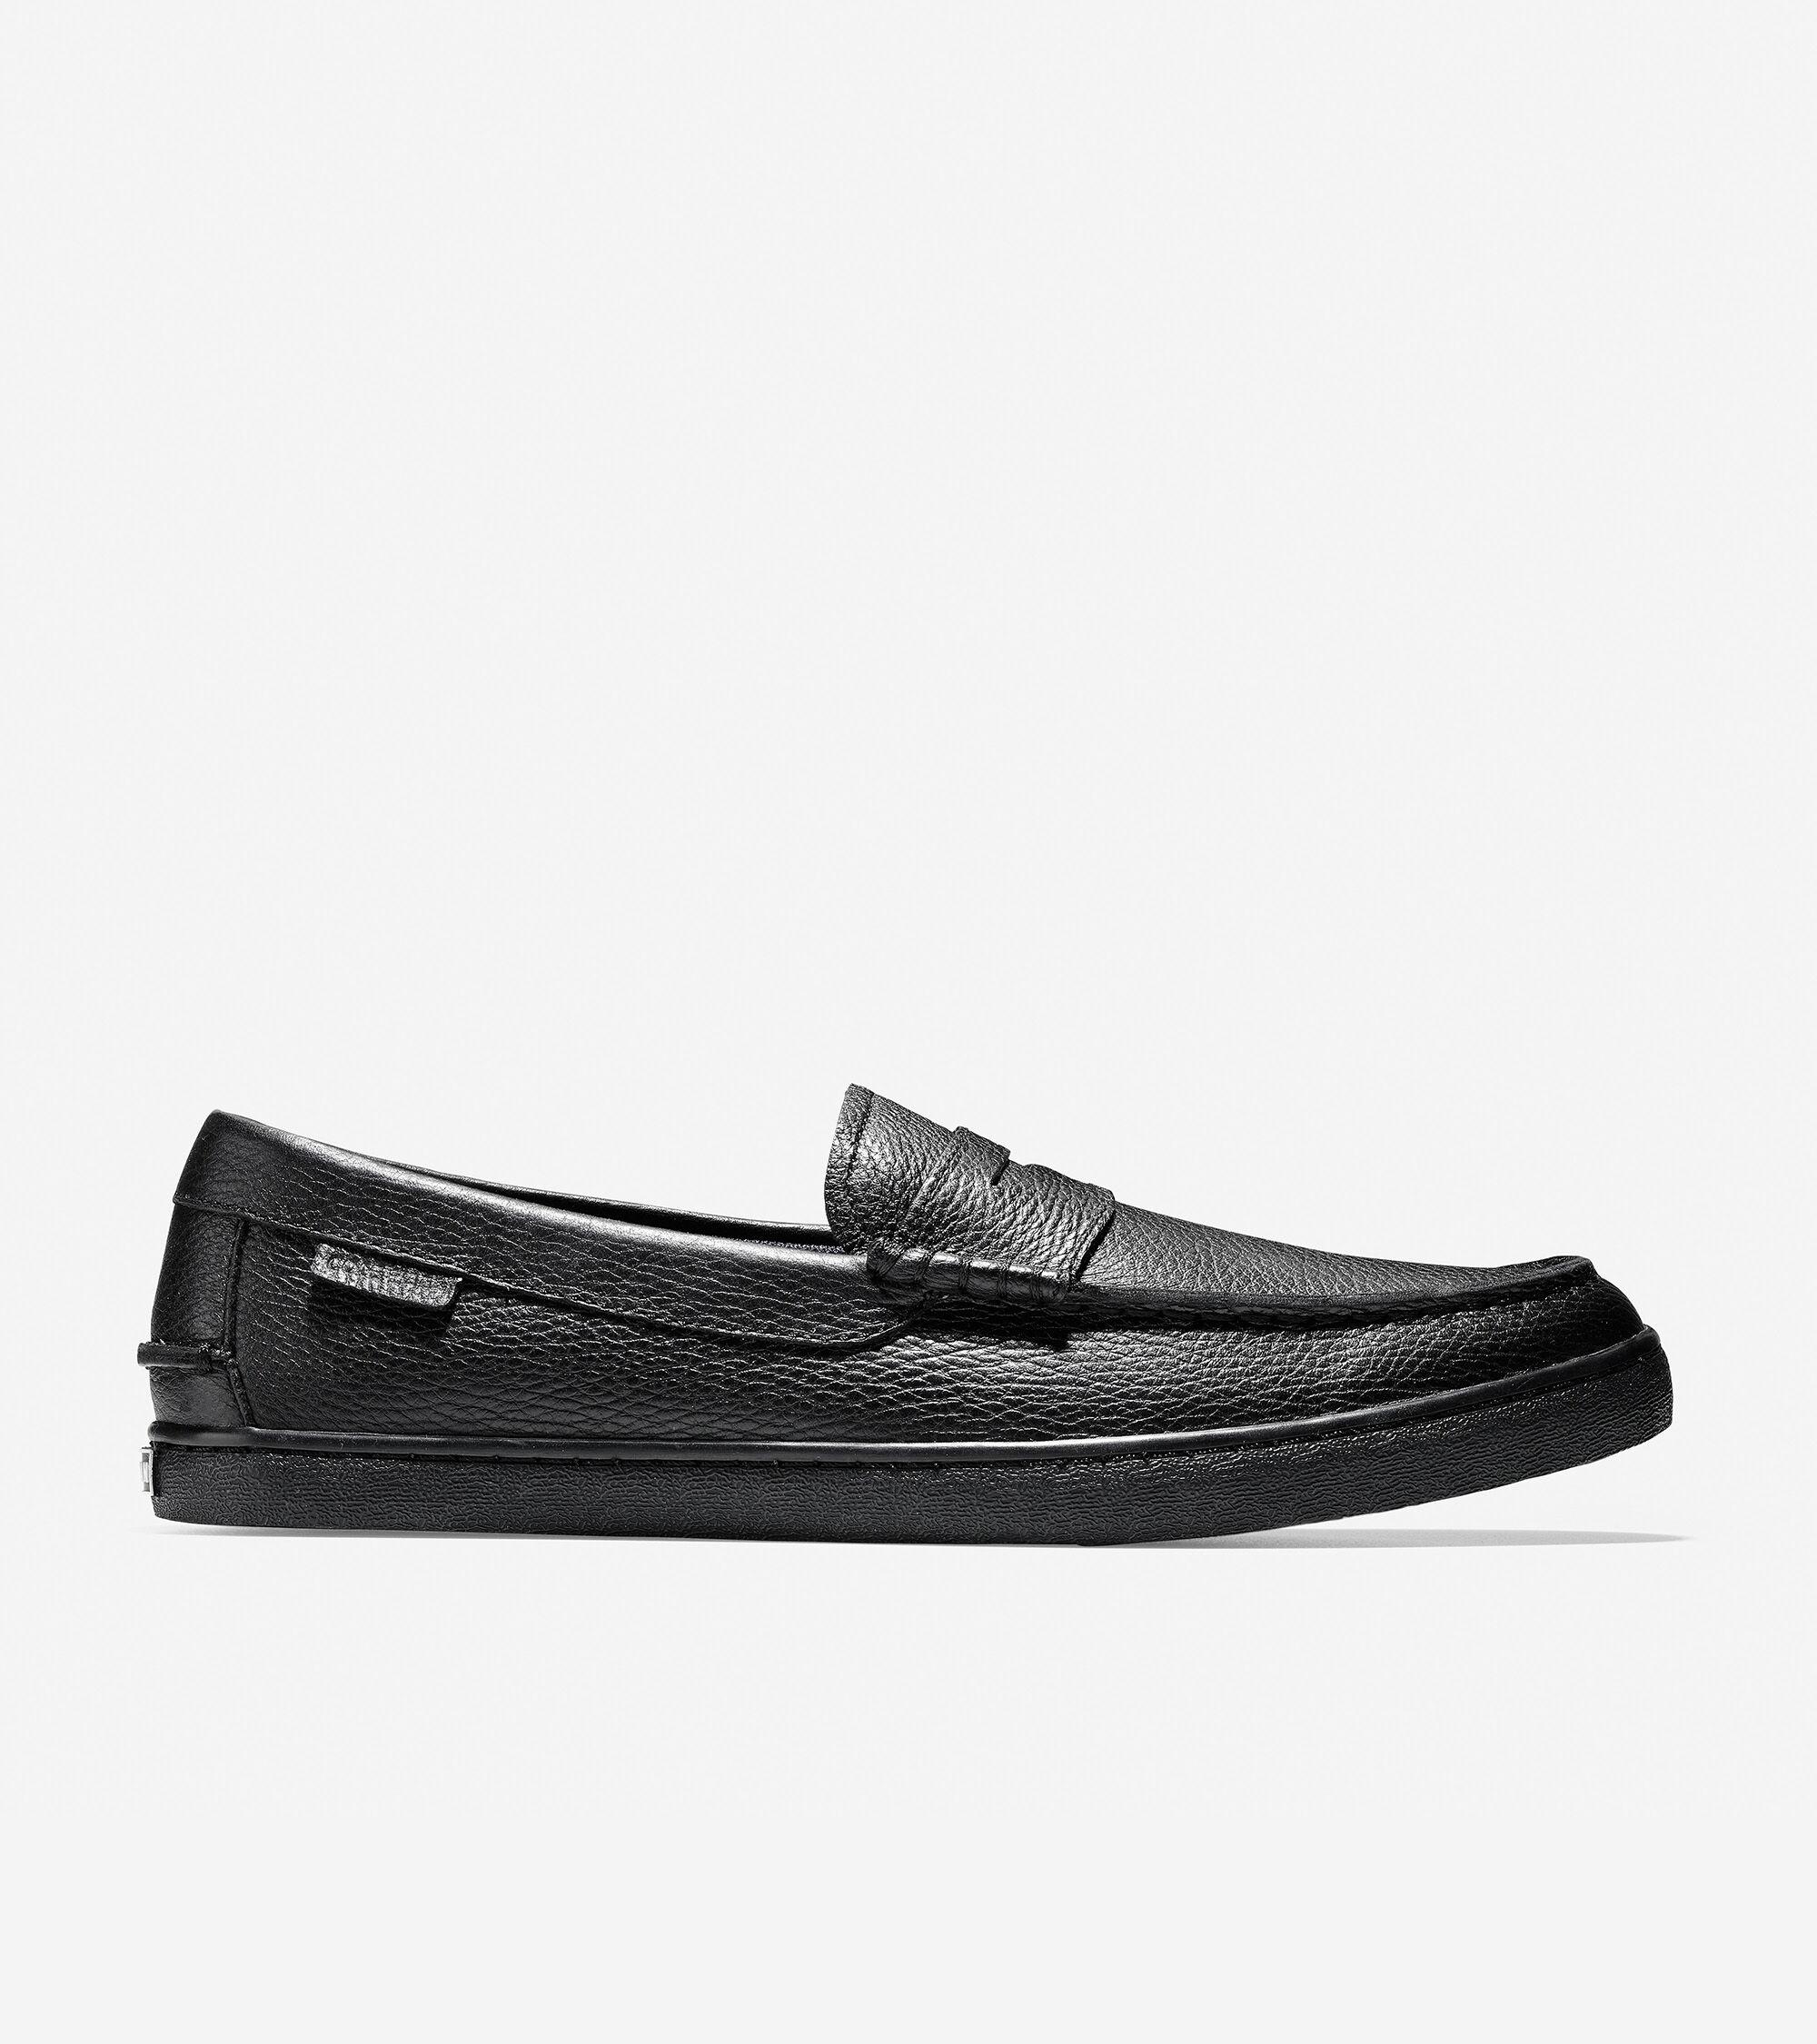 Men's Nantucket Loafer in Black Leather